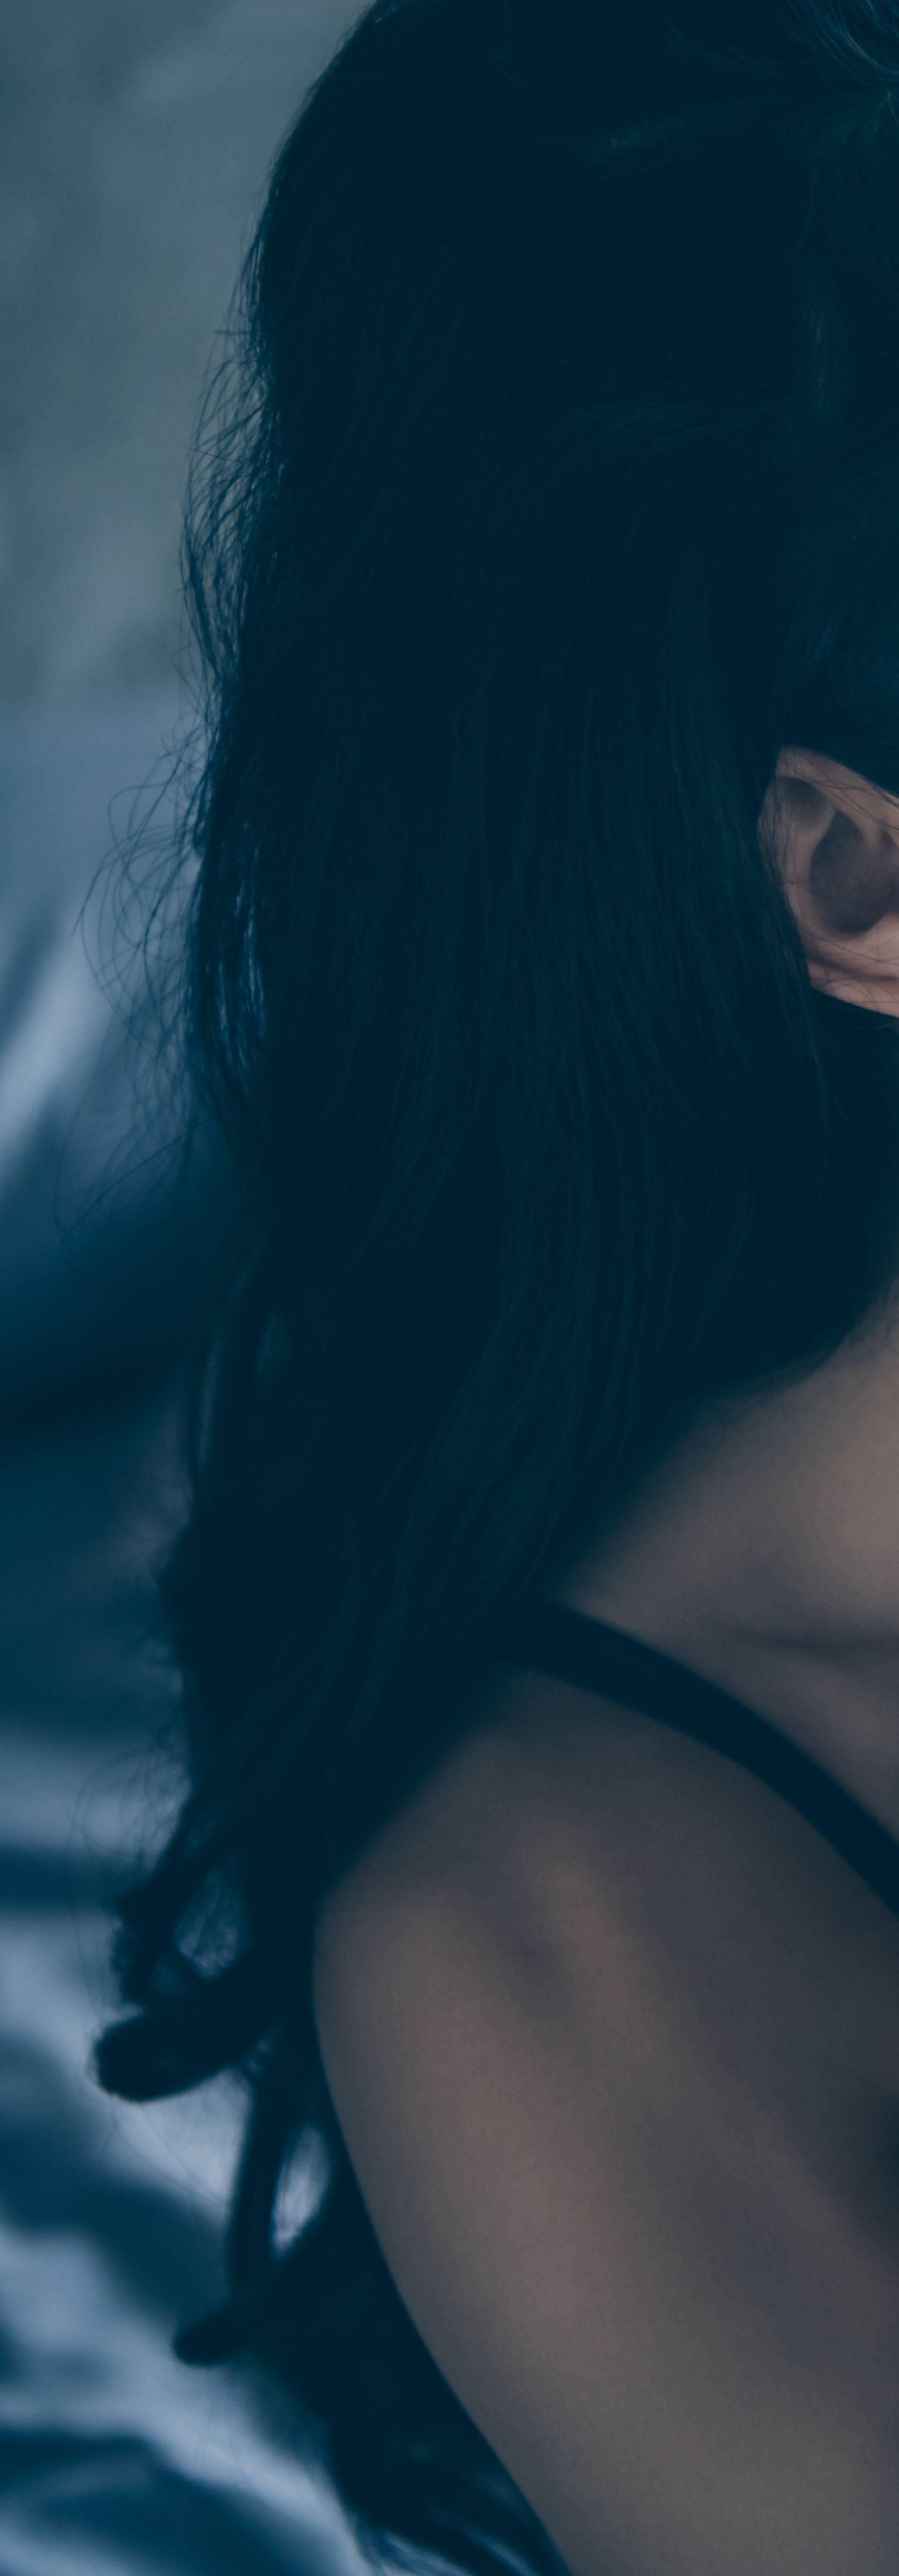 10 stvari koje muškarci žele u krevetu, ali se ne usude to reći